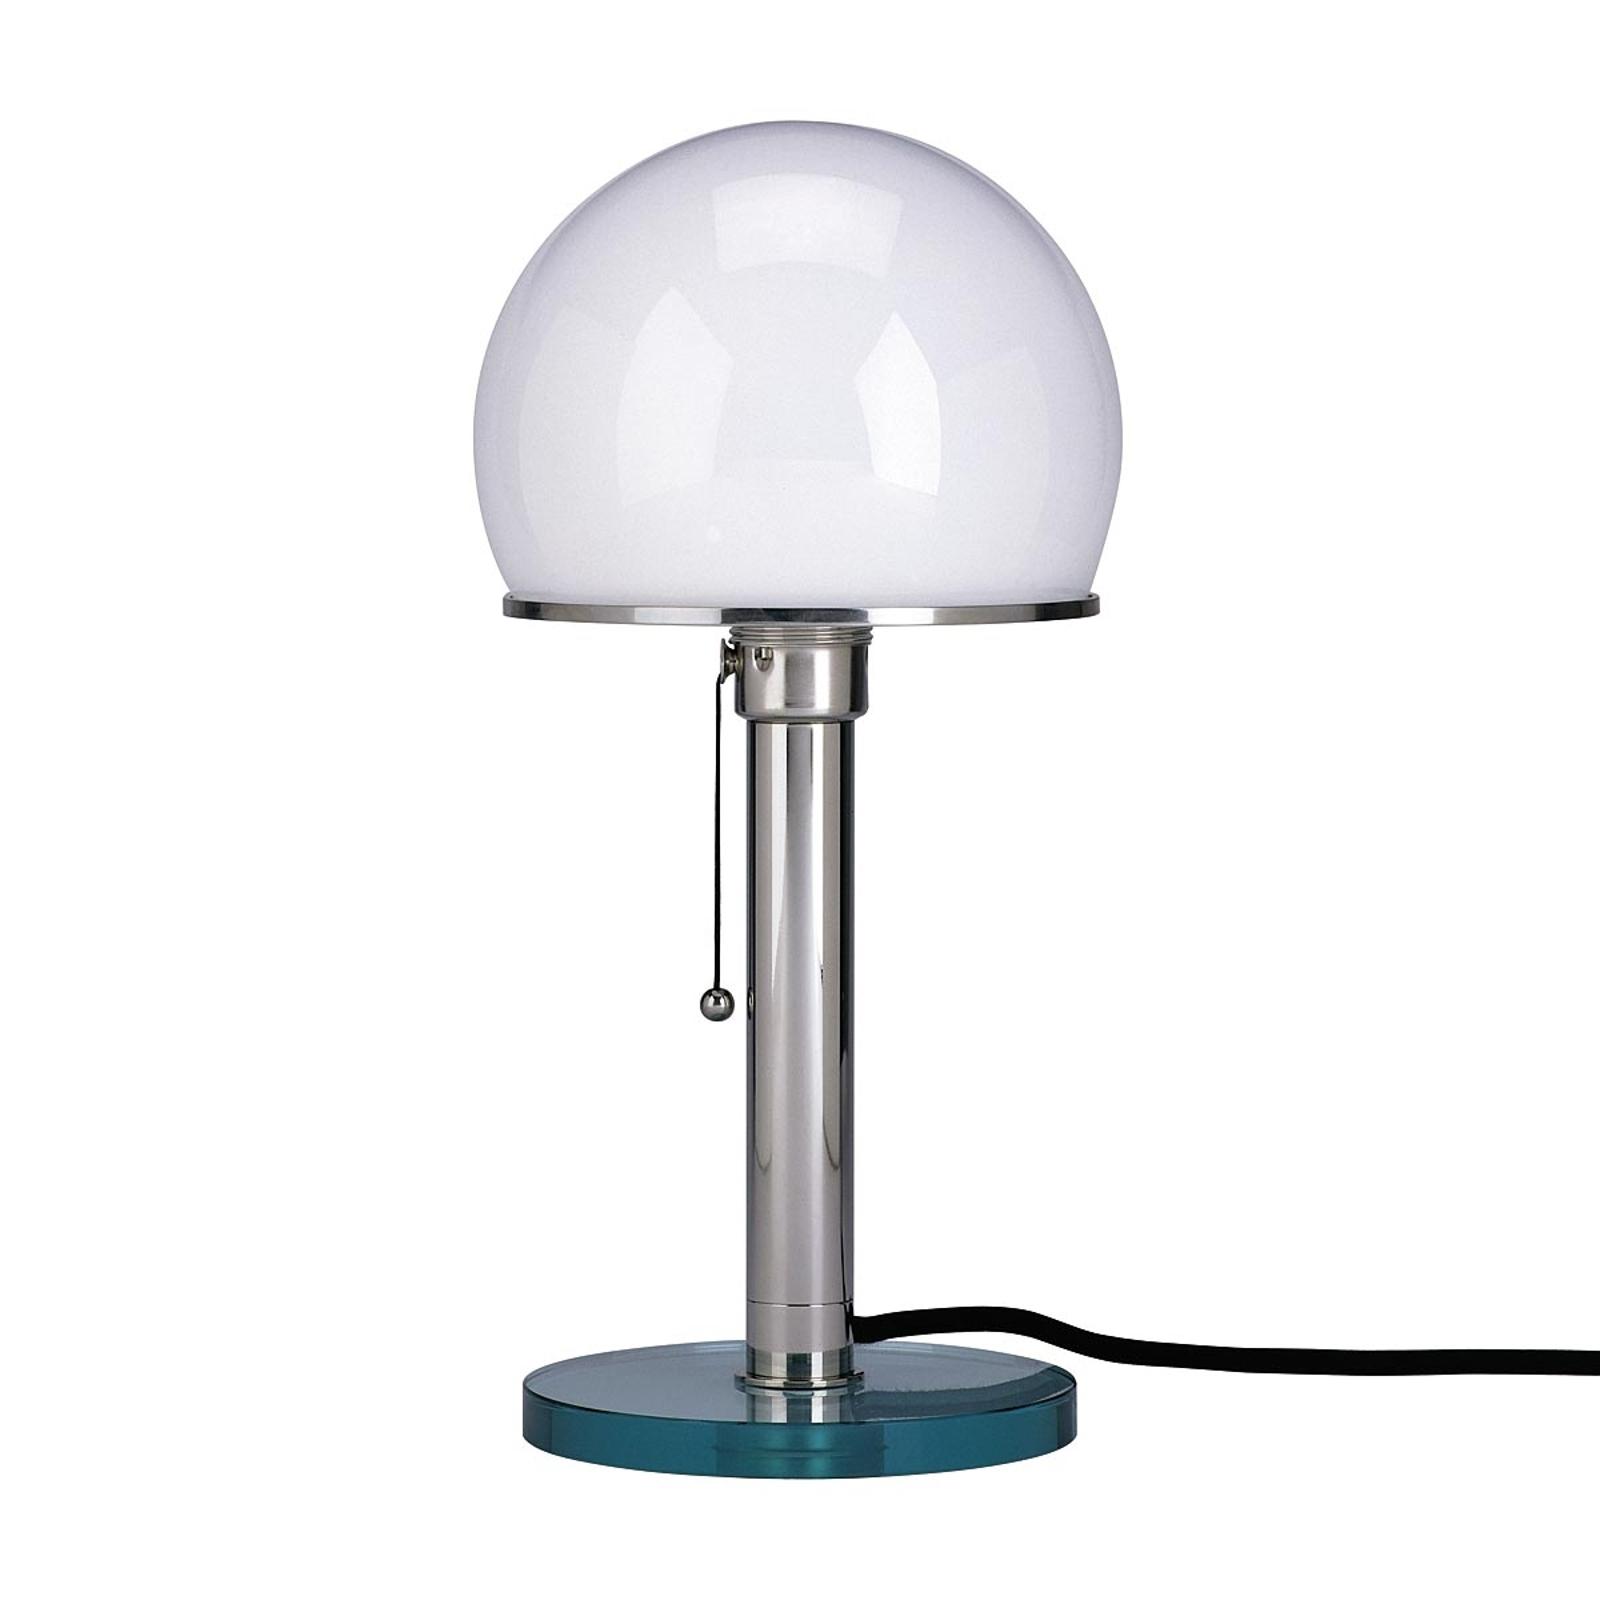 Wagenfeld-tafellamp, glazen voet, metalen staander